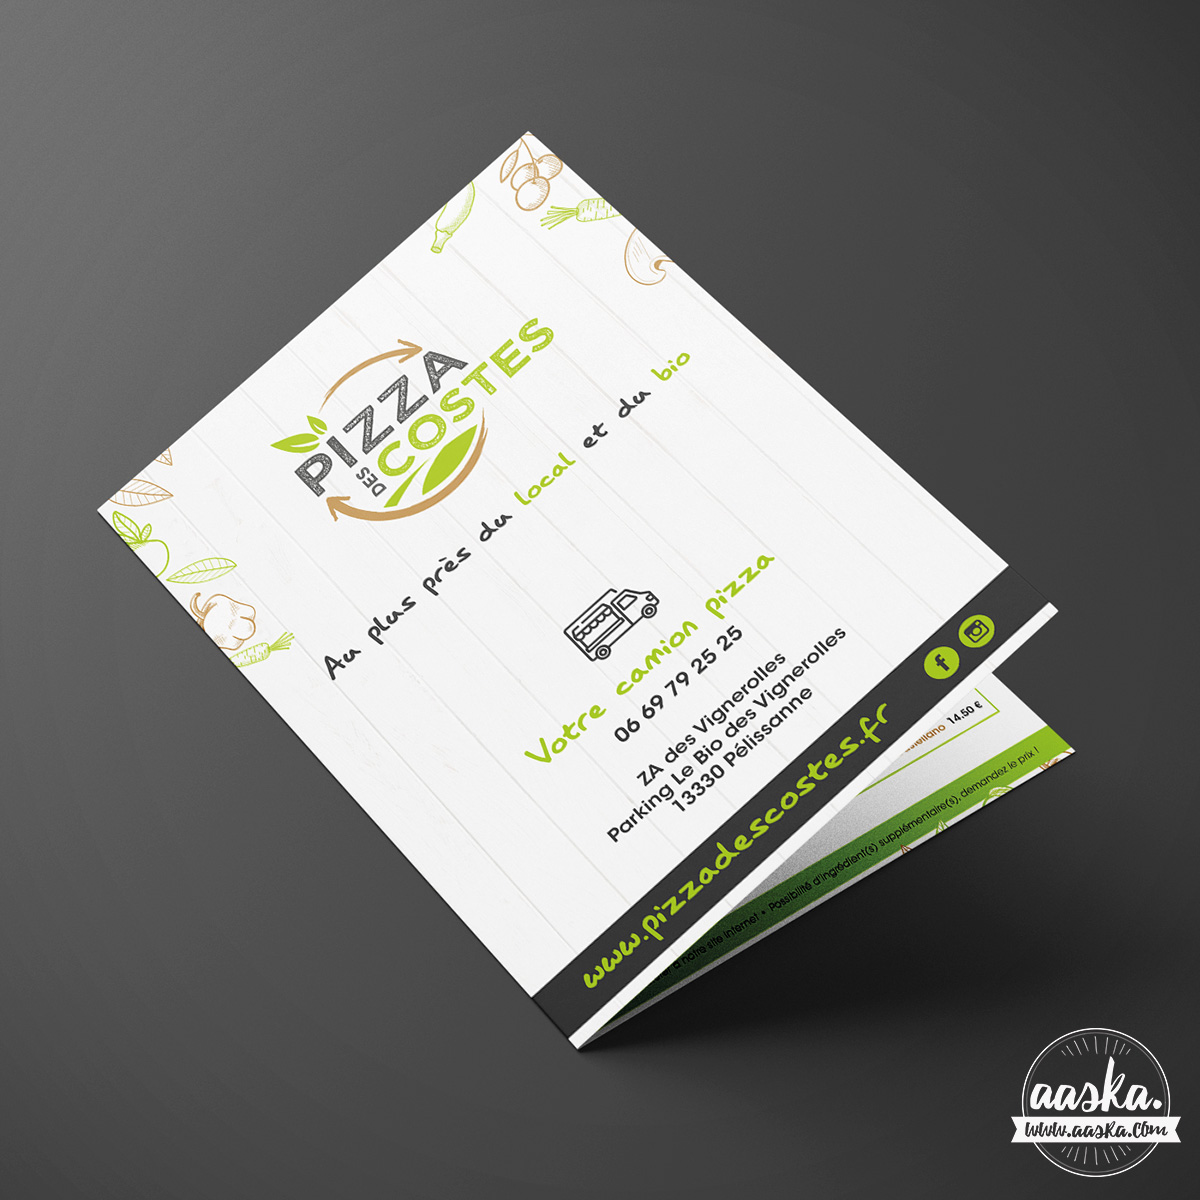 En Plus Du Logo Jai Egalement Realise Les Cartes De Visite Et Un Flyer Pour La Societe